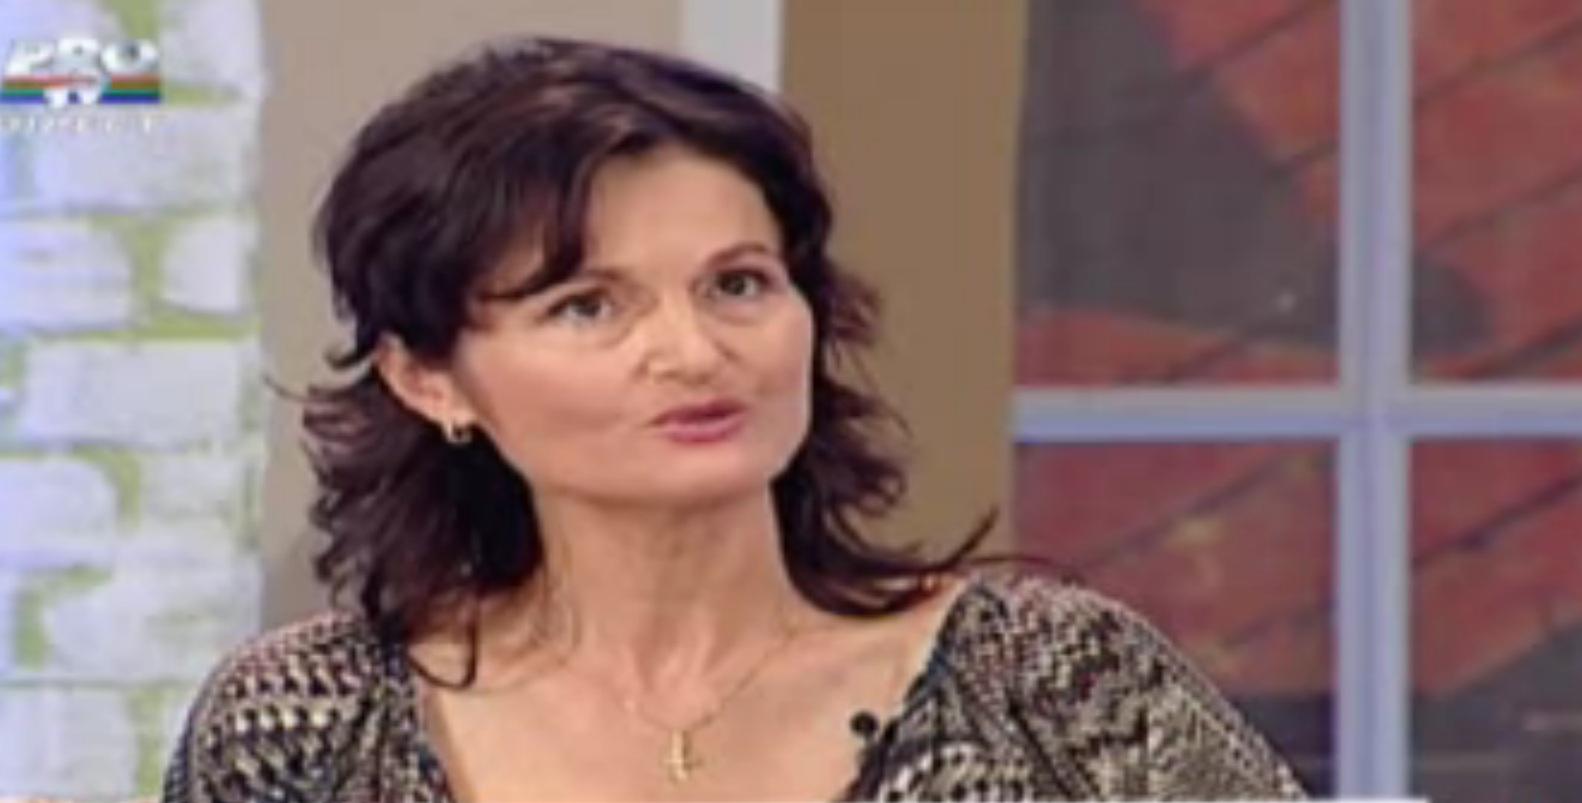 Adina Mihalea este o fire retrasa, aparitiile sale televizate fiind foarte rare. Captura PRO TV